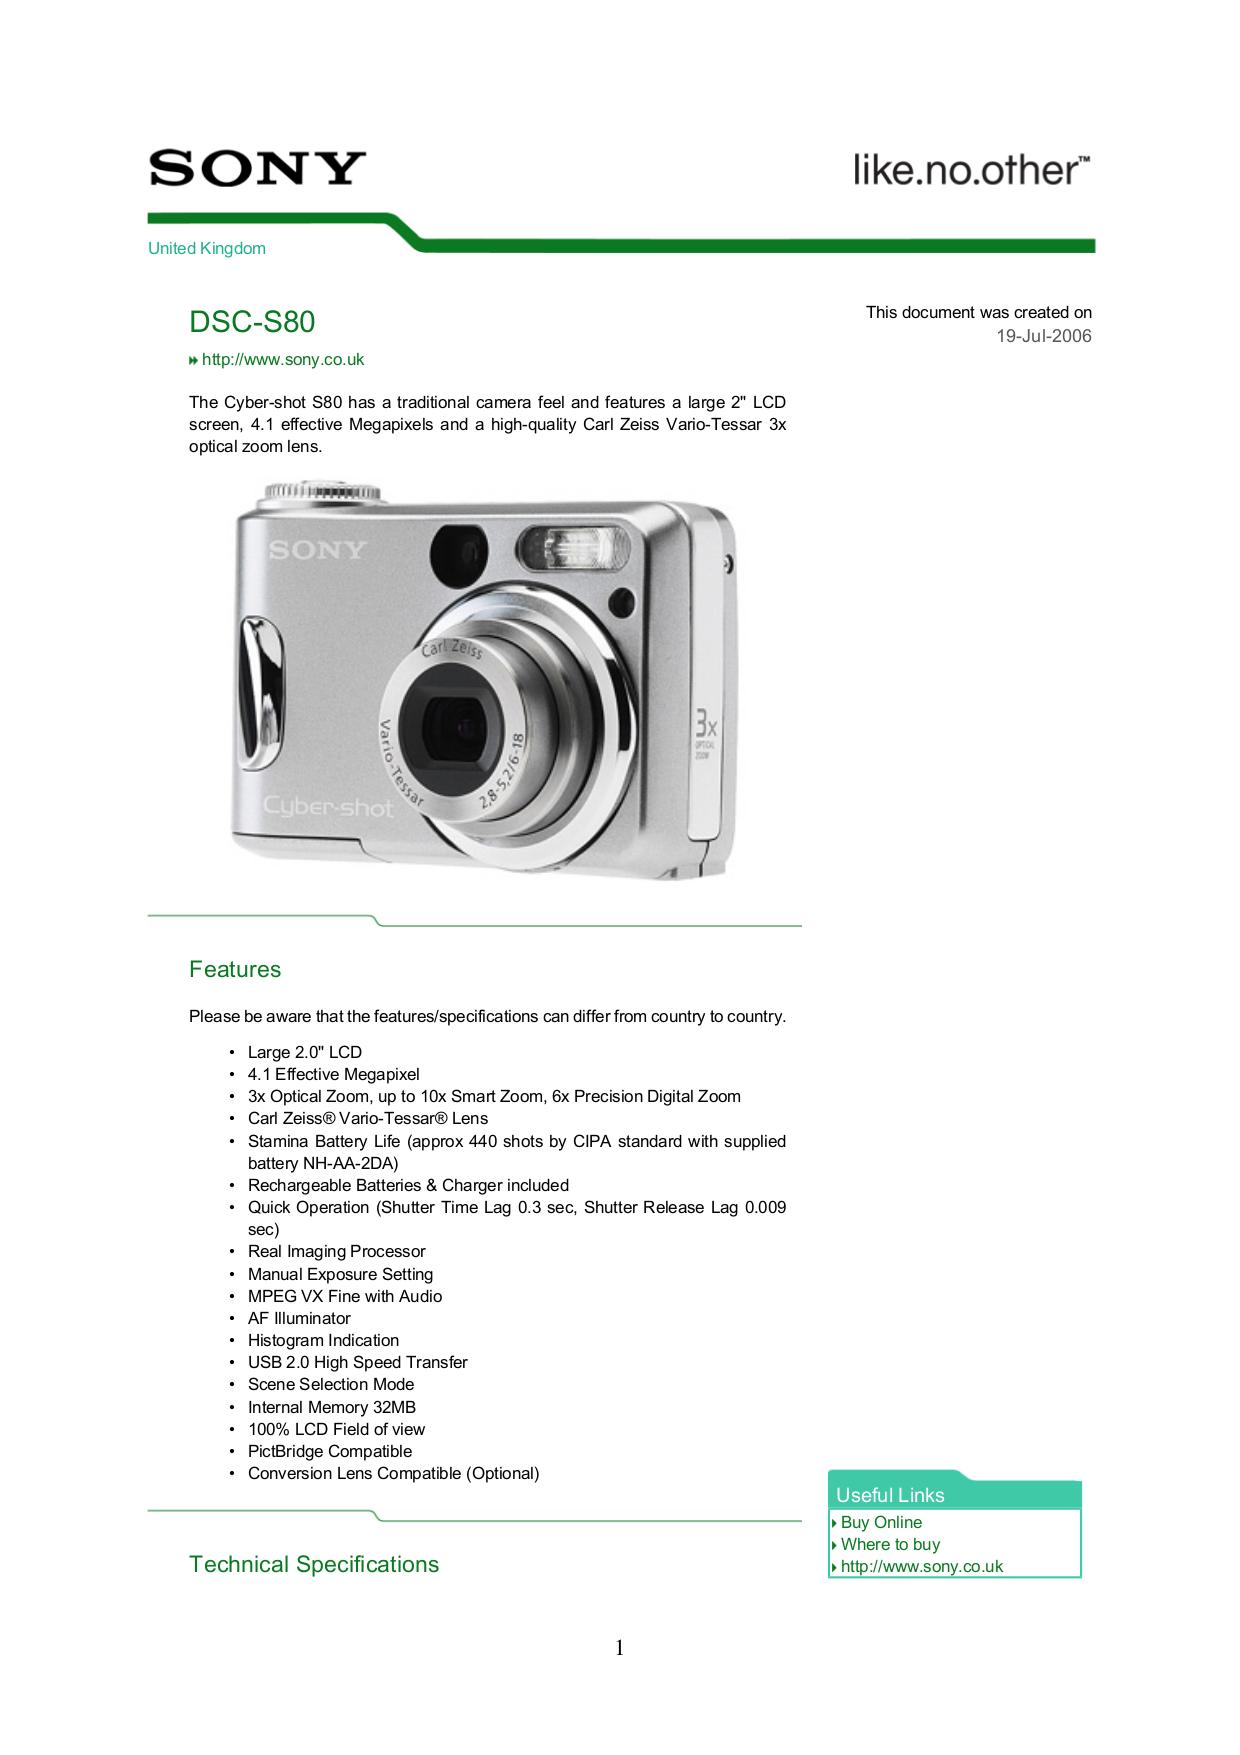 Sony dsc s80 review.